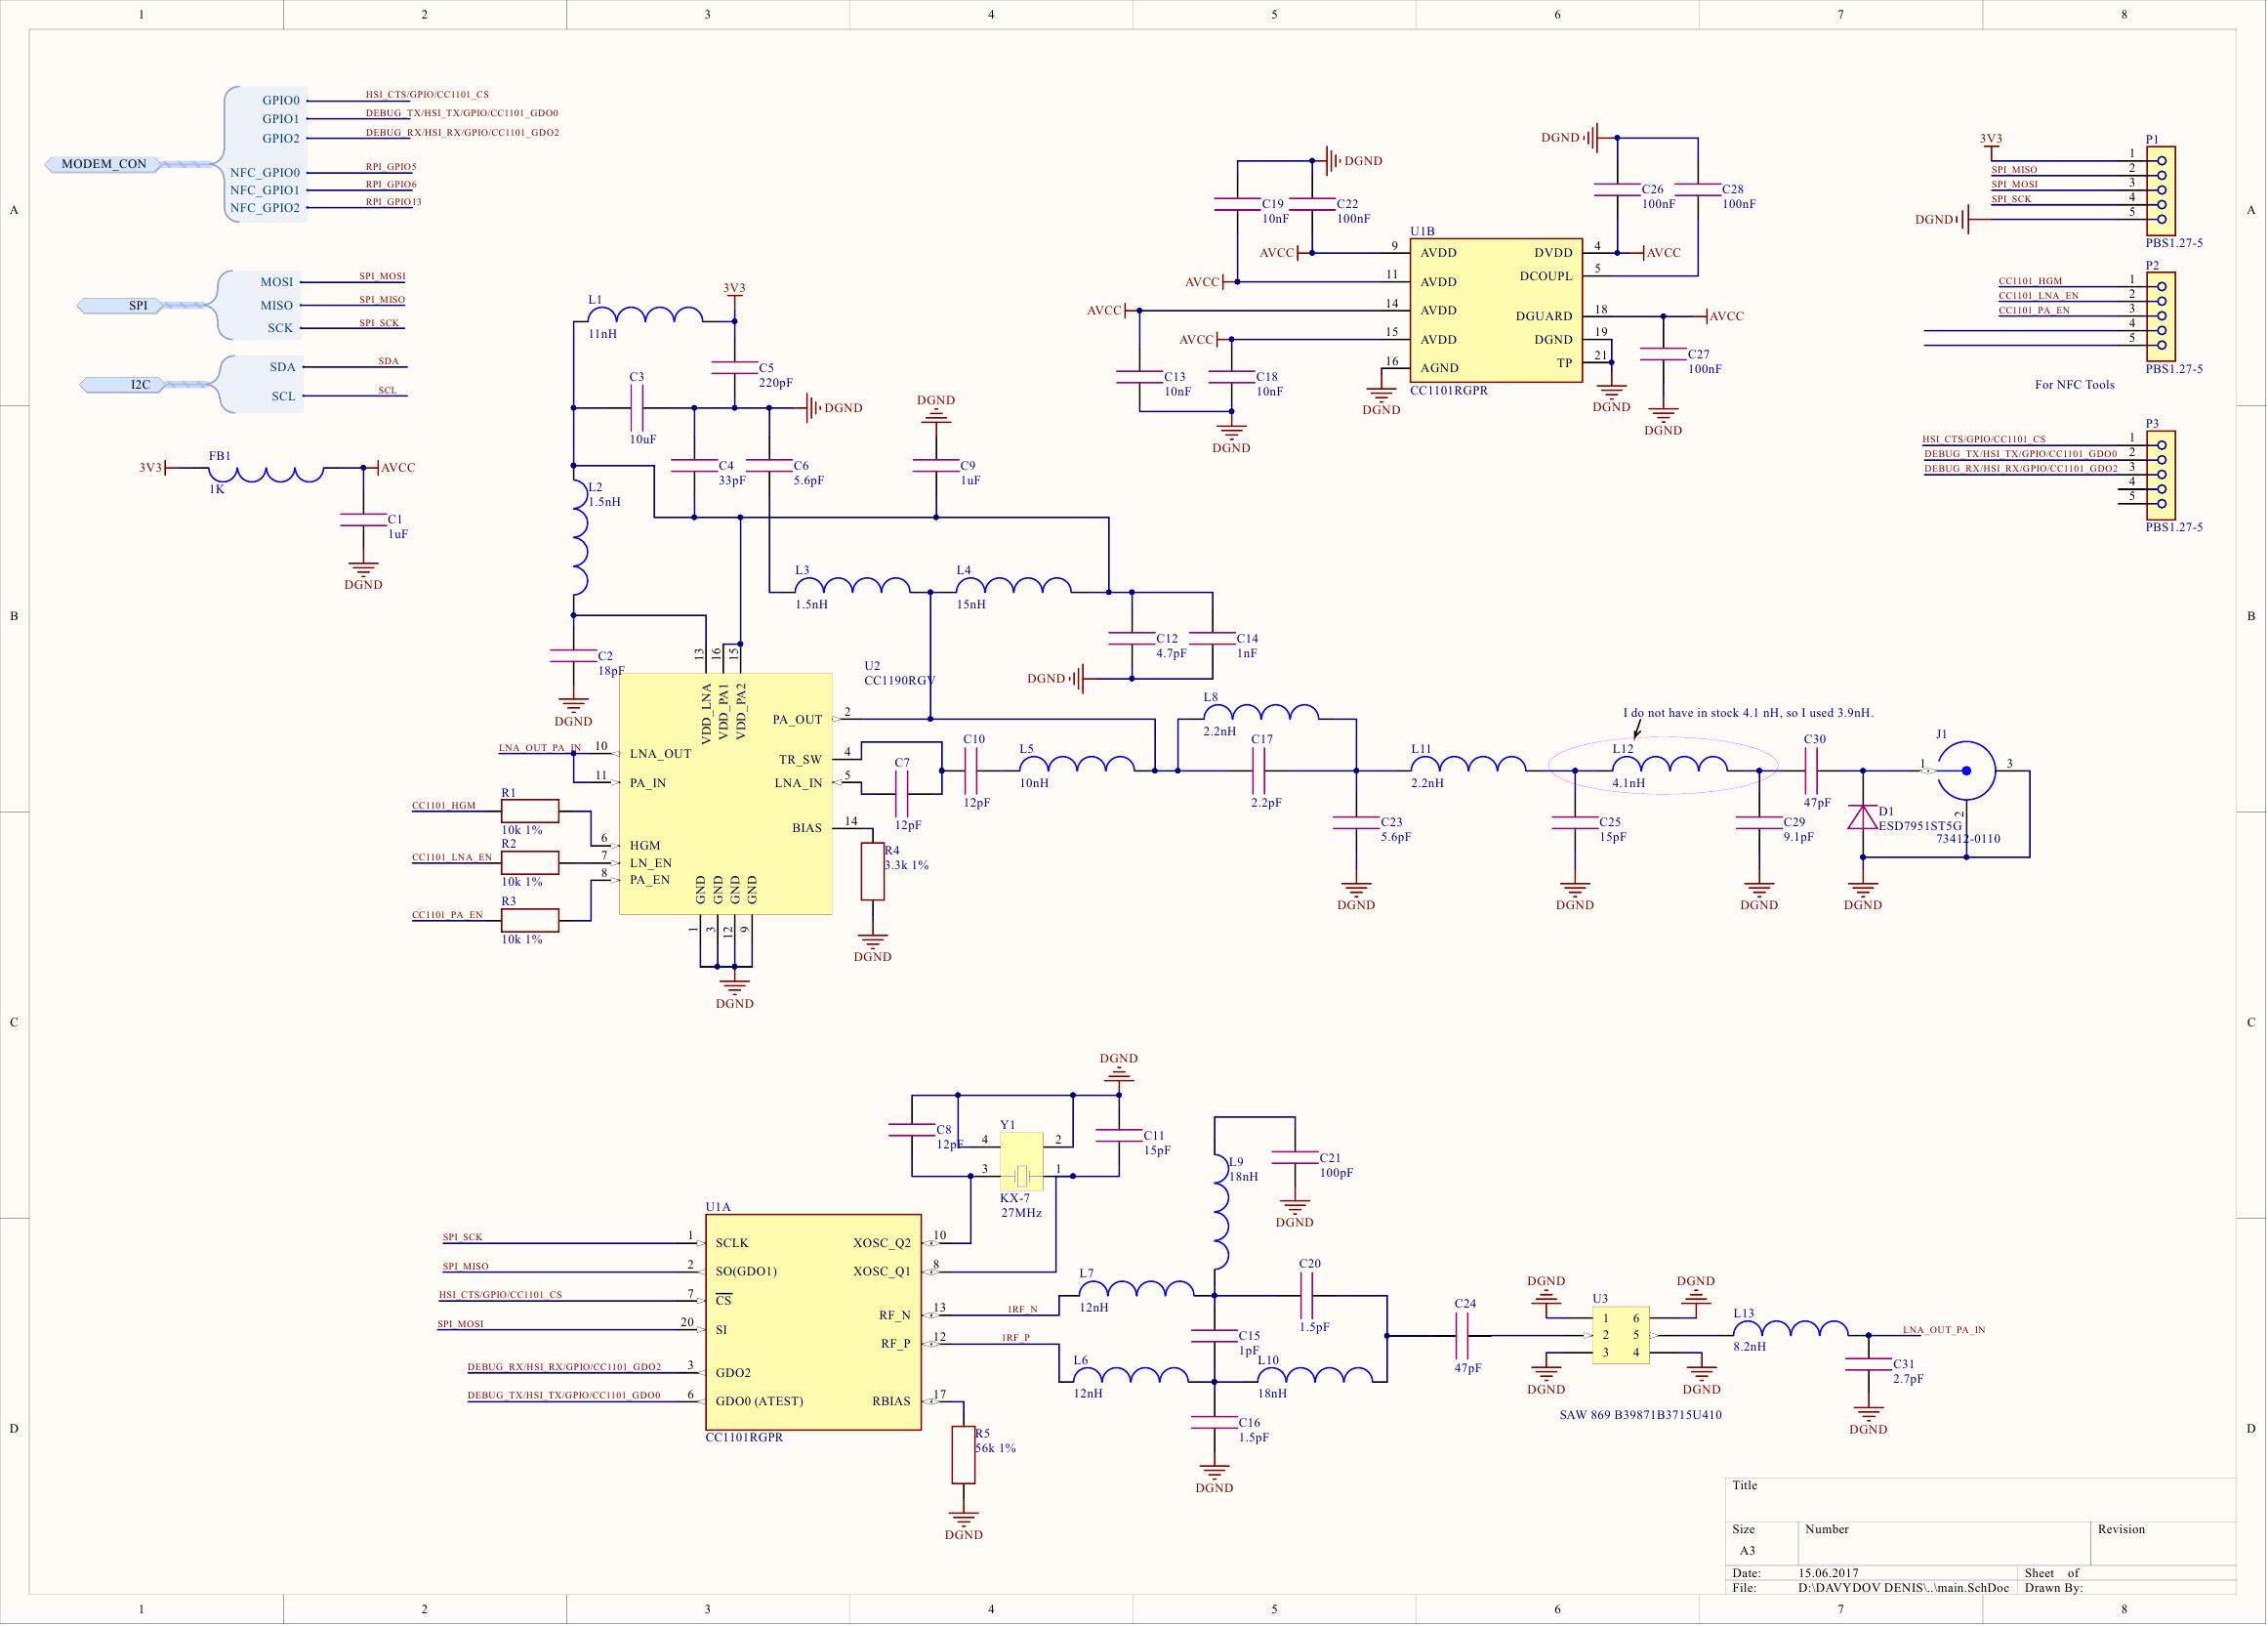 Linux Cc1101 Cc1190em869rd Cc1190 Frequency Spread Sub 1 Pi Thread Wiringpi Pcb 2 Layer